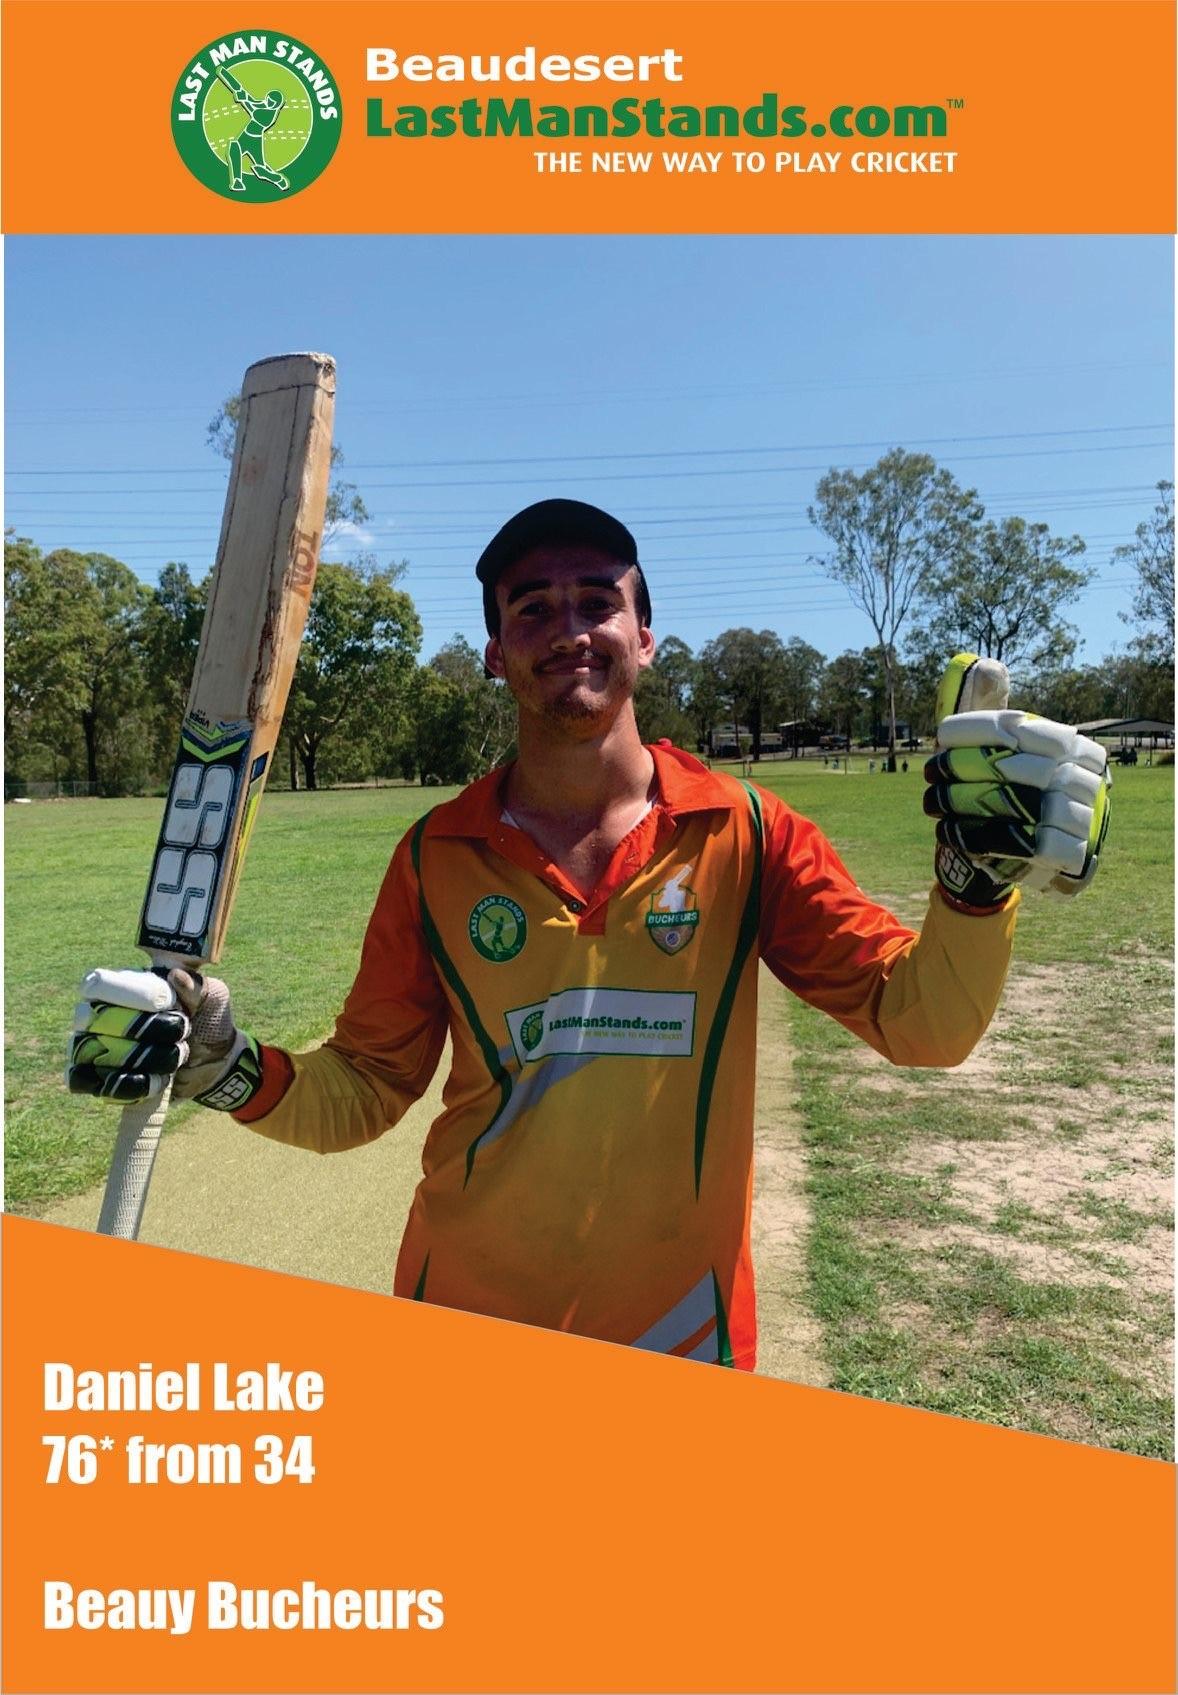 Daniel Lake